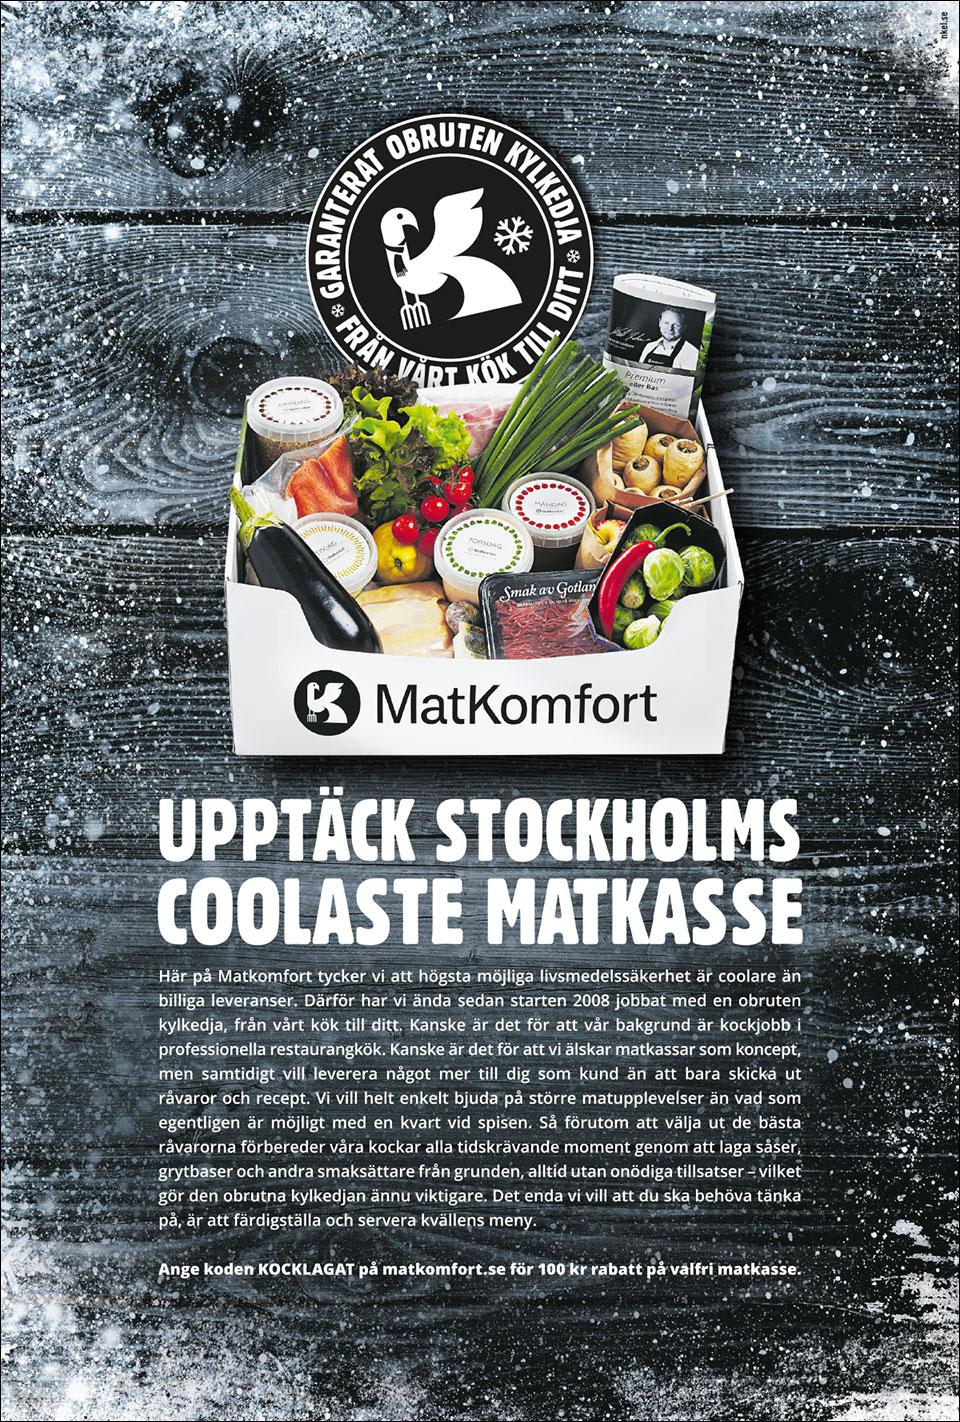 Vår nya kund Matkomfort hade en helsidesannons i Svenska Dagbladet den 6 november 2016